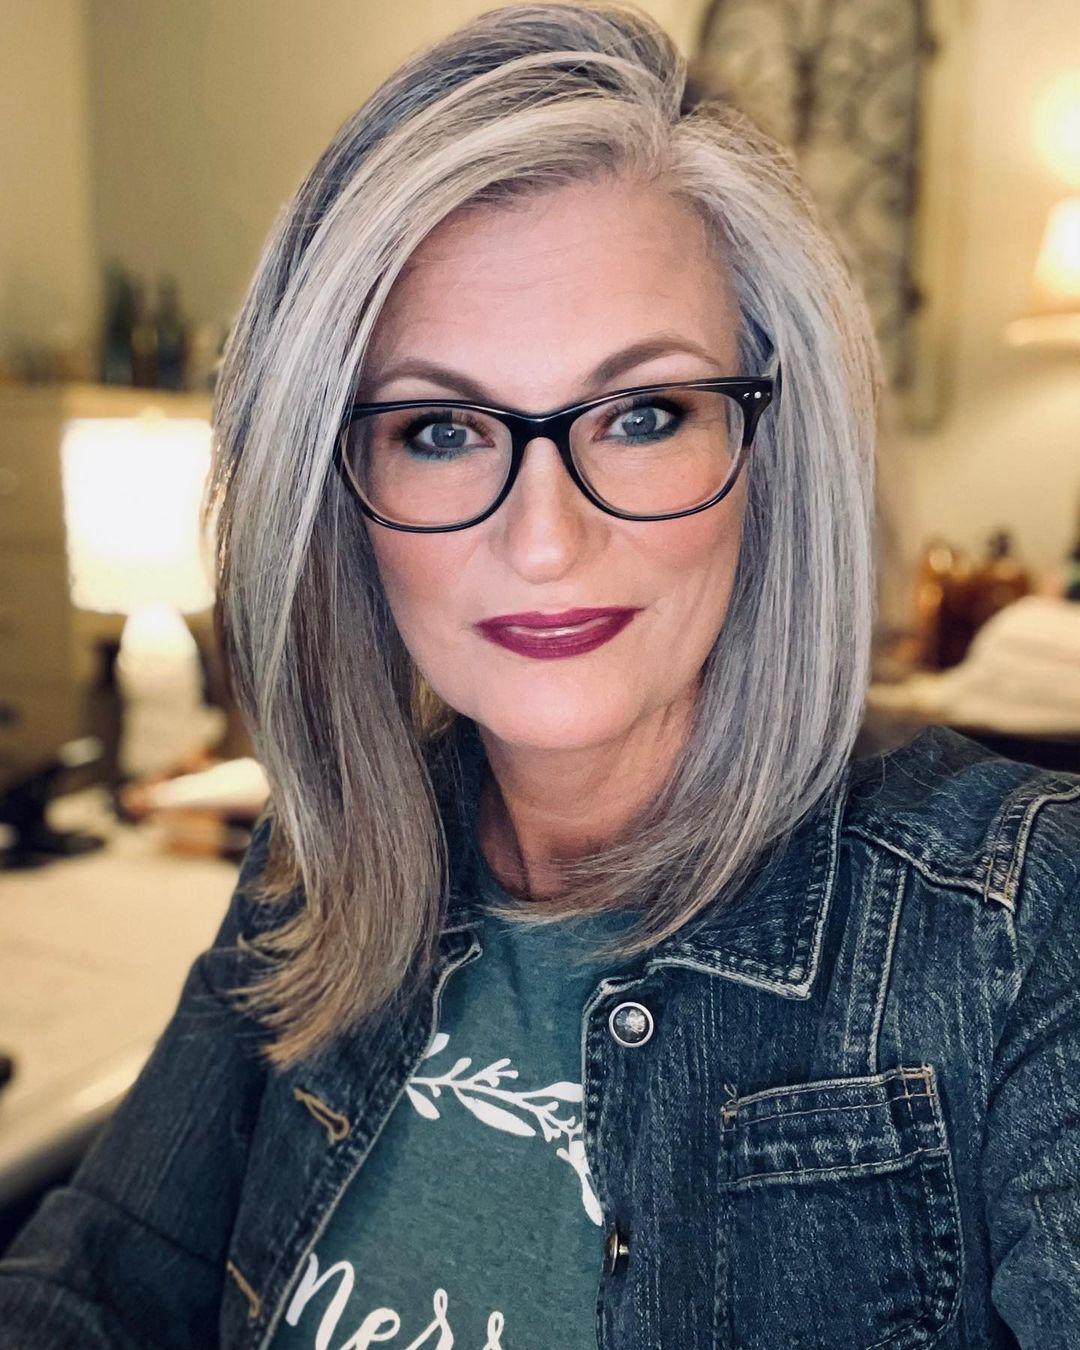 Shoulder-Length Gray Hair for Women Over 60